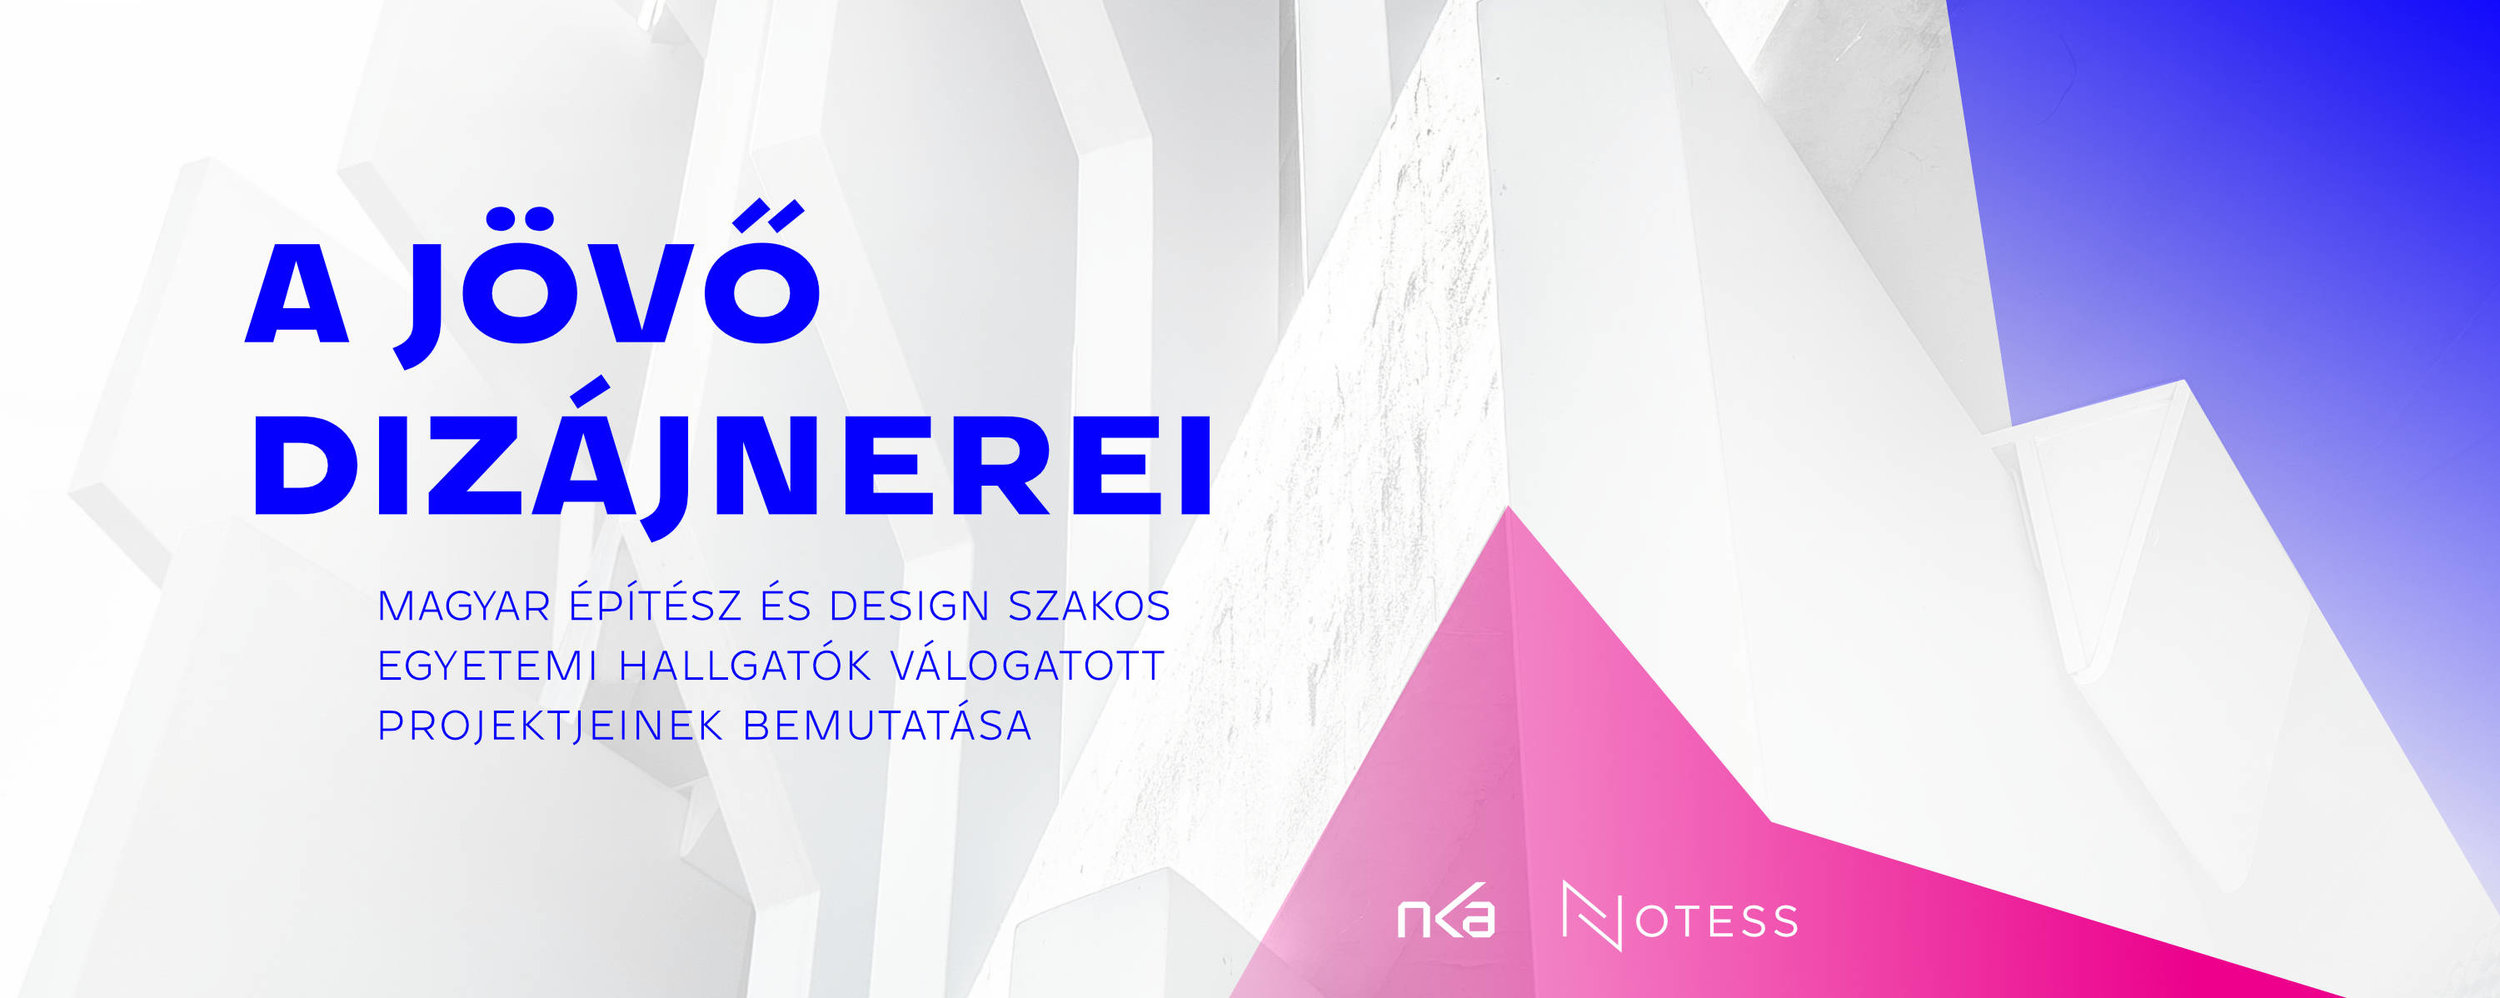 A jövő dizájnerei - Hellodesign